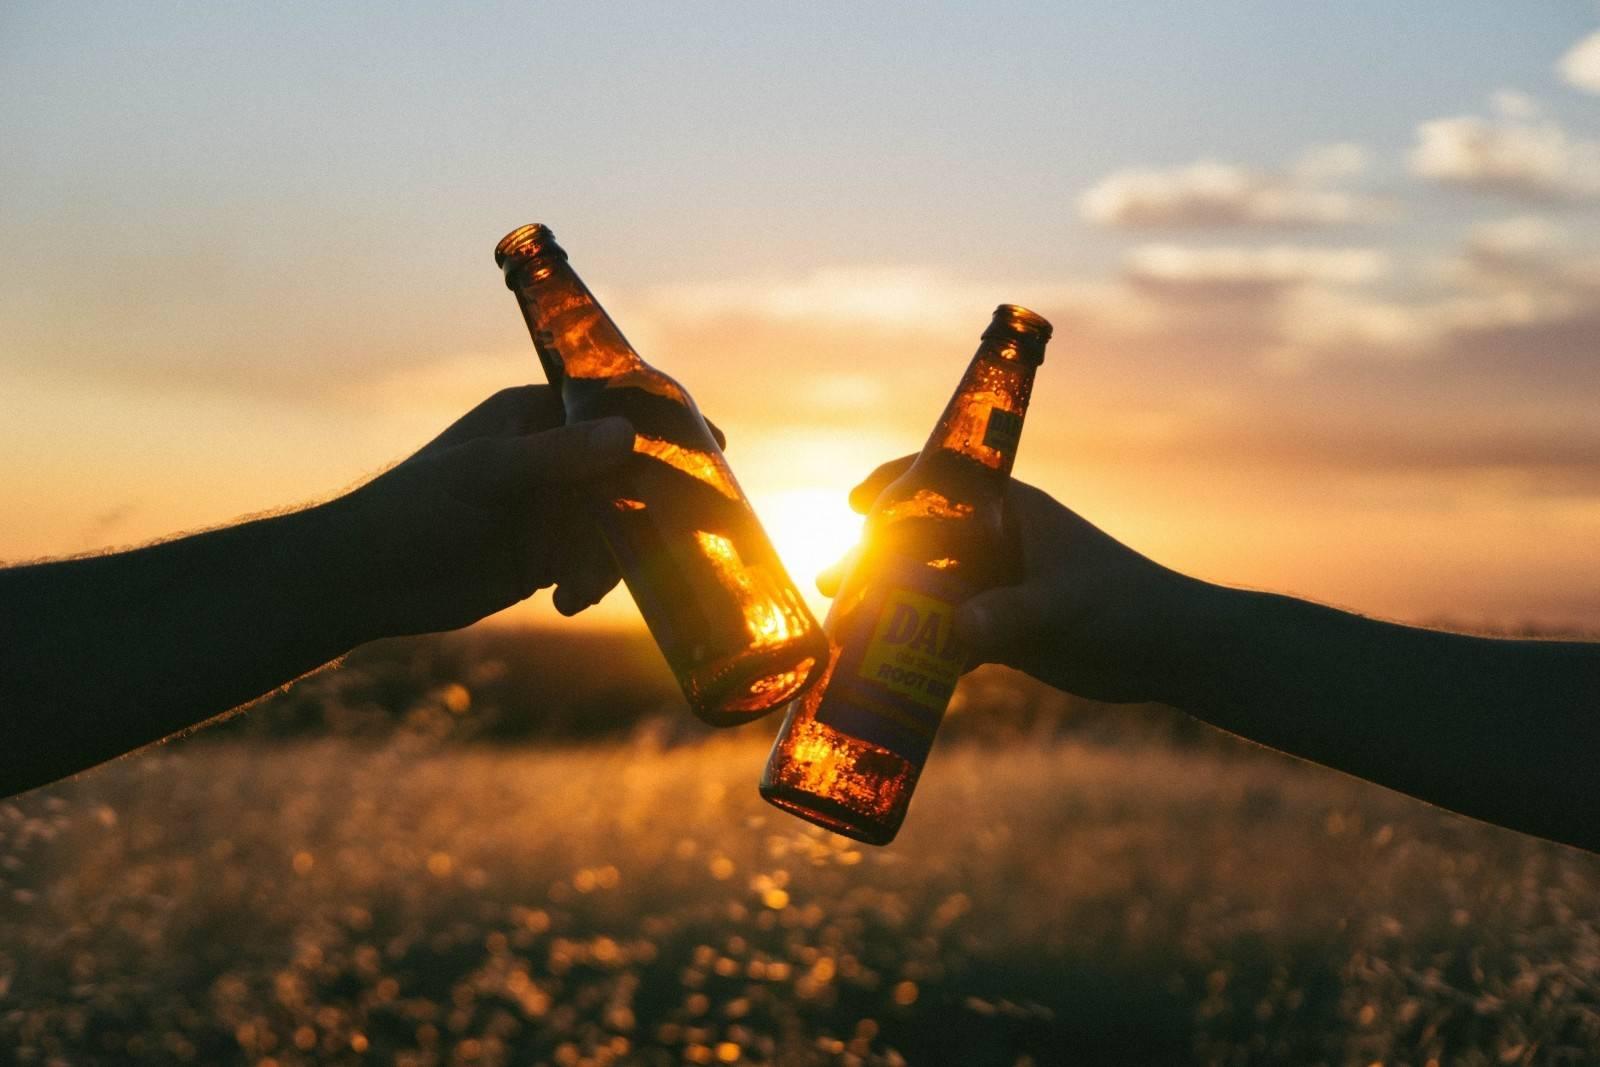 Le site ricard.com use de données personnelles pour faire la promotion de boissons alcoolisées (illustration Visual Hunt)